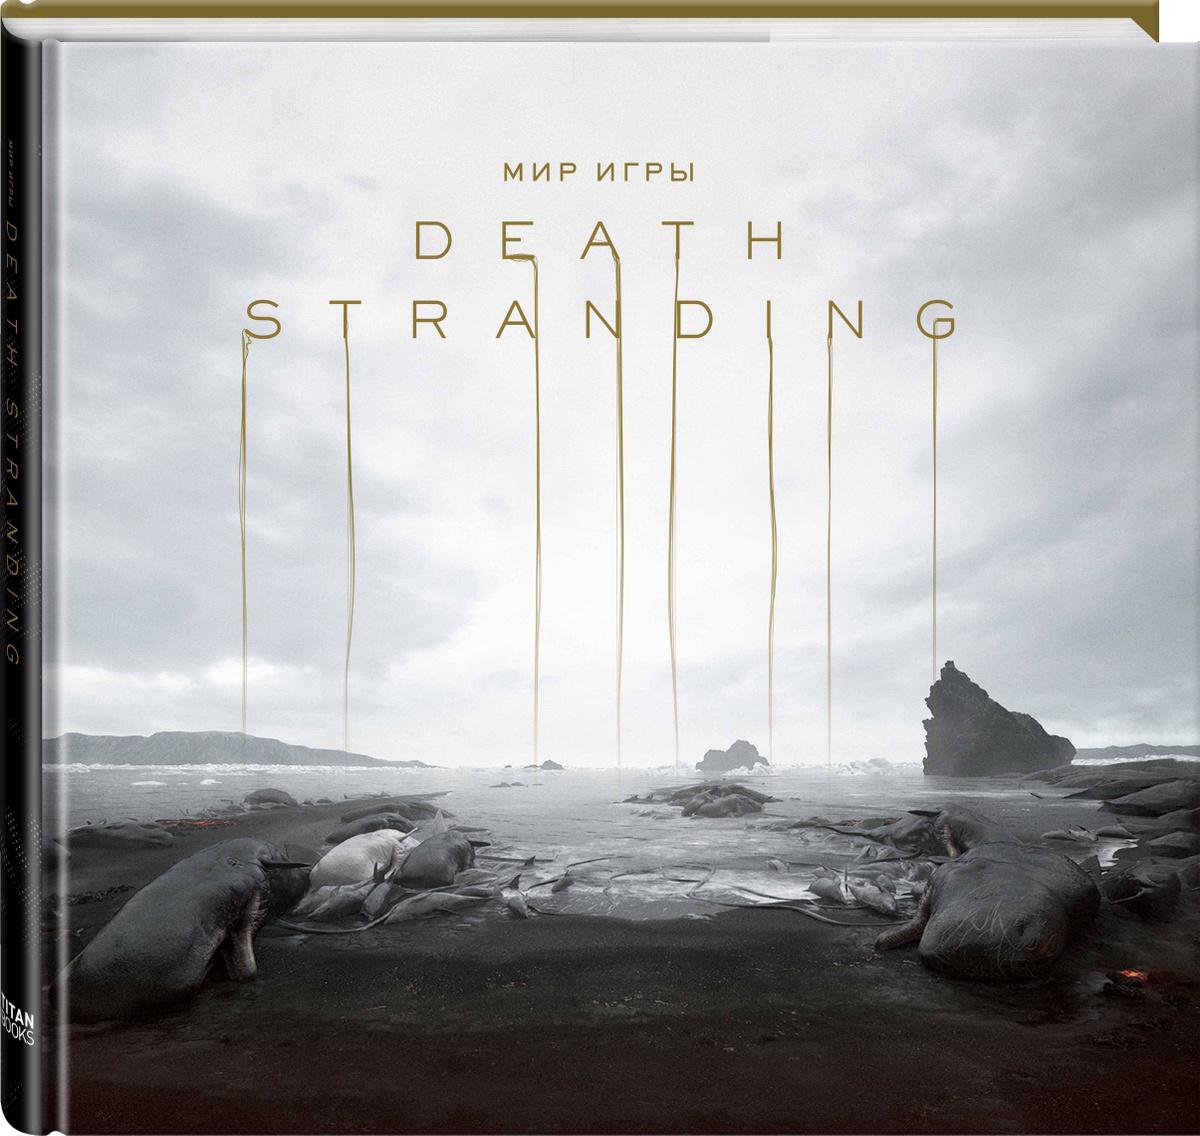 (2019)Мир игры Death Stranding | Кодзима Хидео, Синкава Ёдзи #1